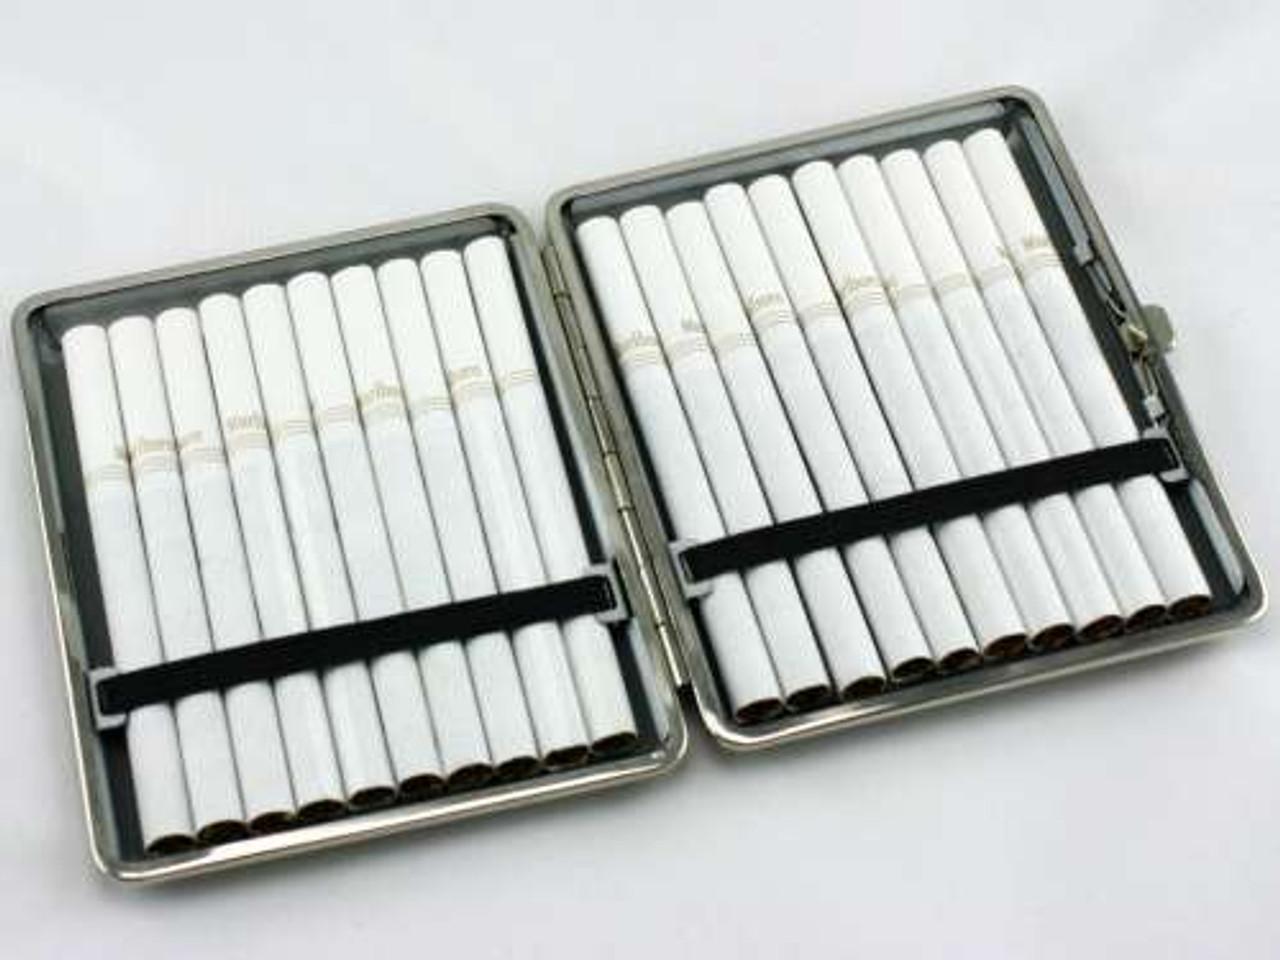 Vintage Brown Leather Cigarette Case